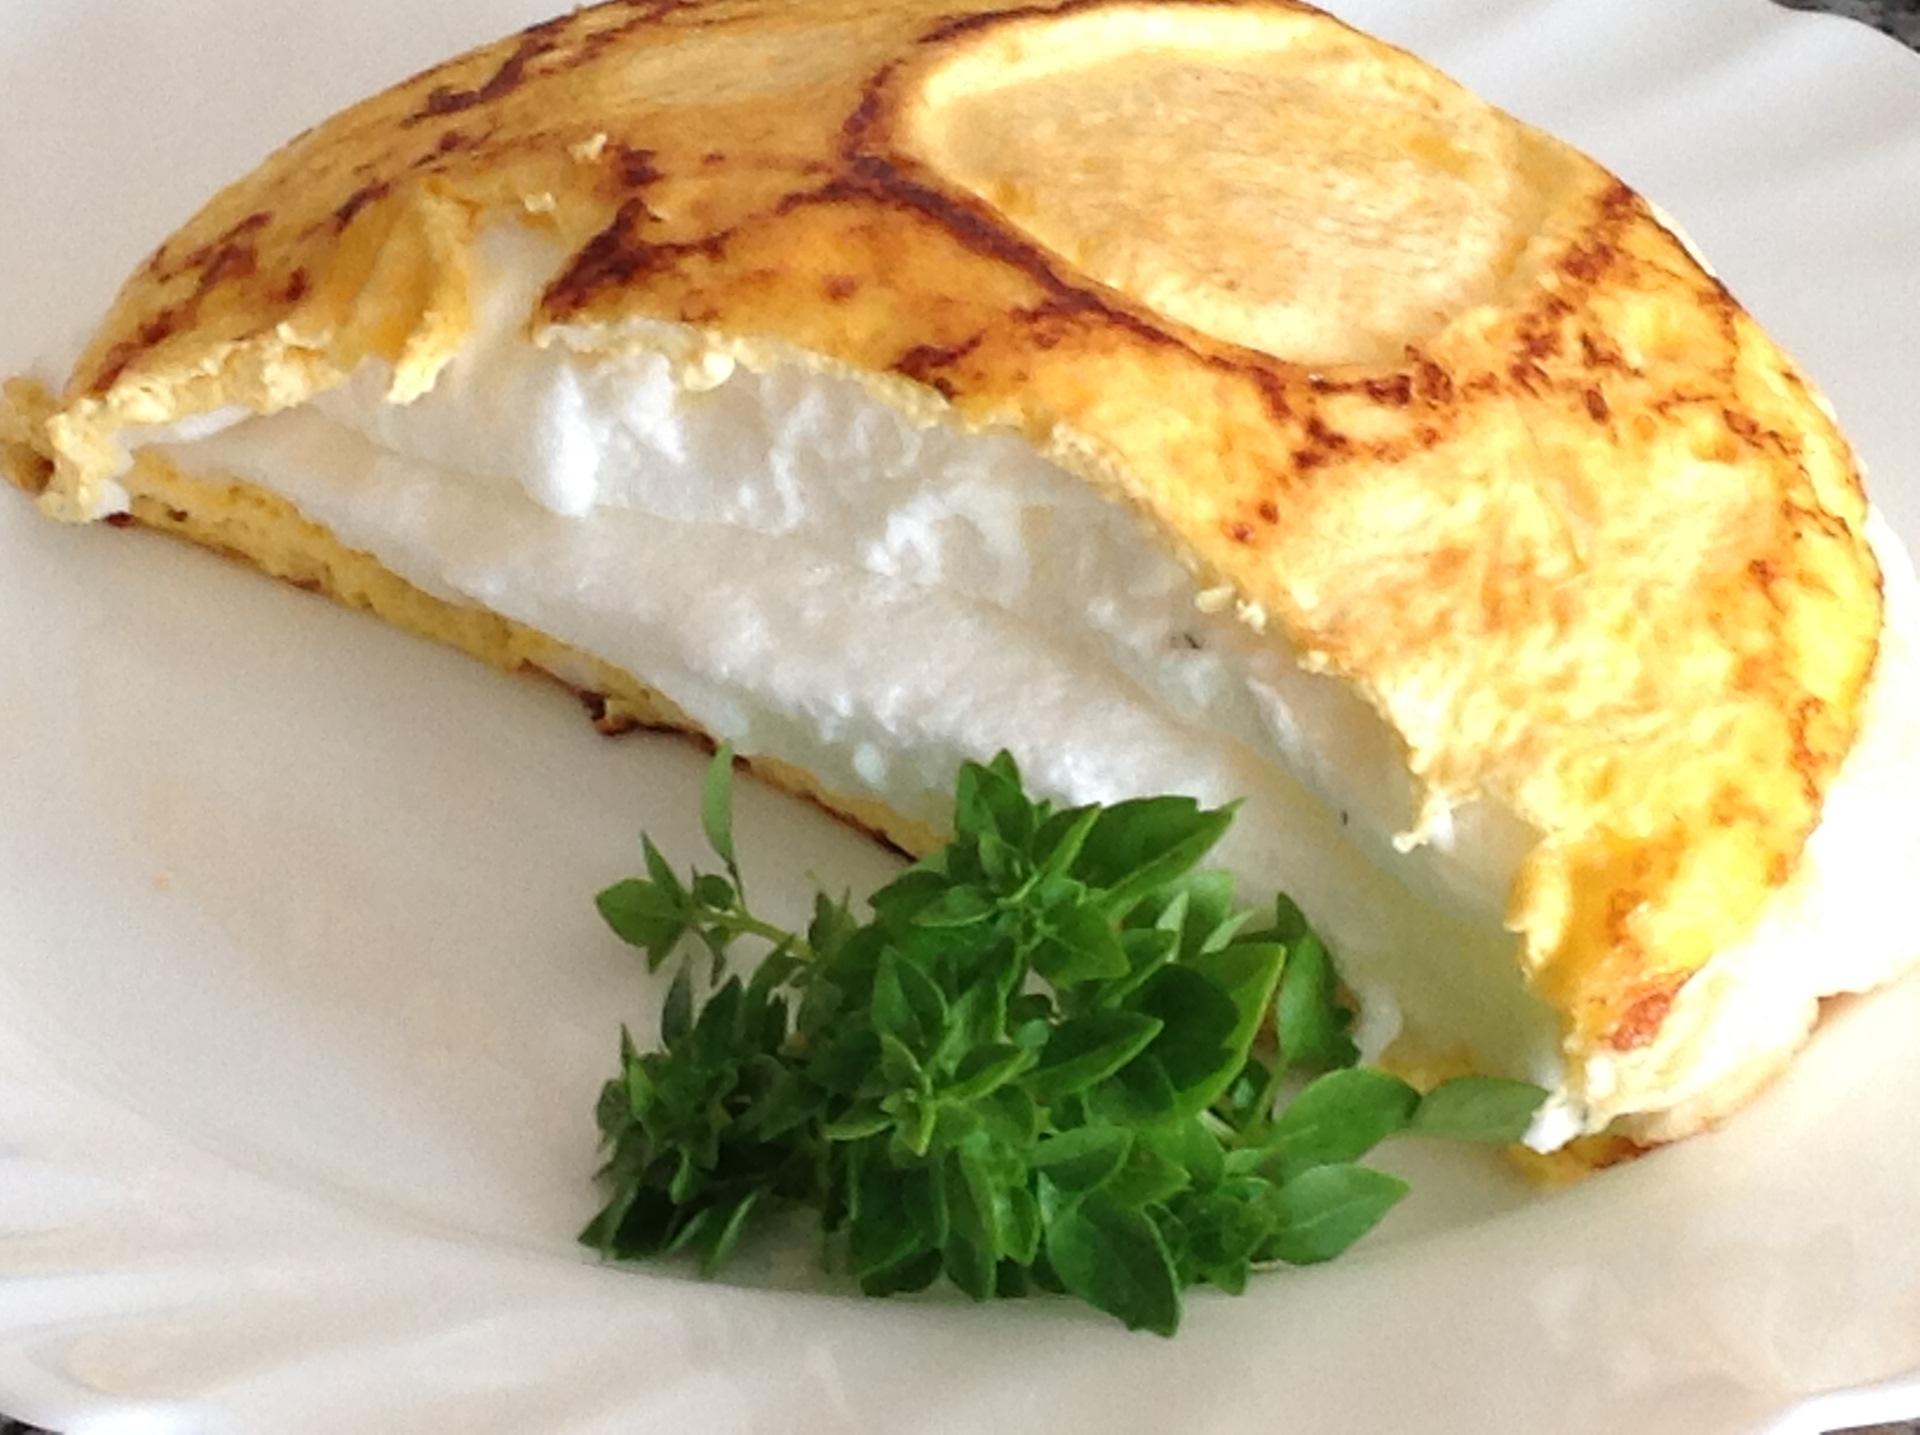 Двухслойный омлет с сыром.Обычное блюдо в необычном исполнении.